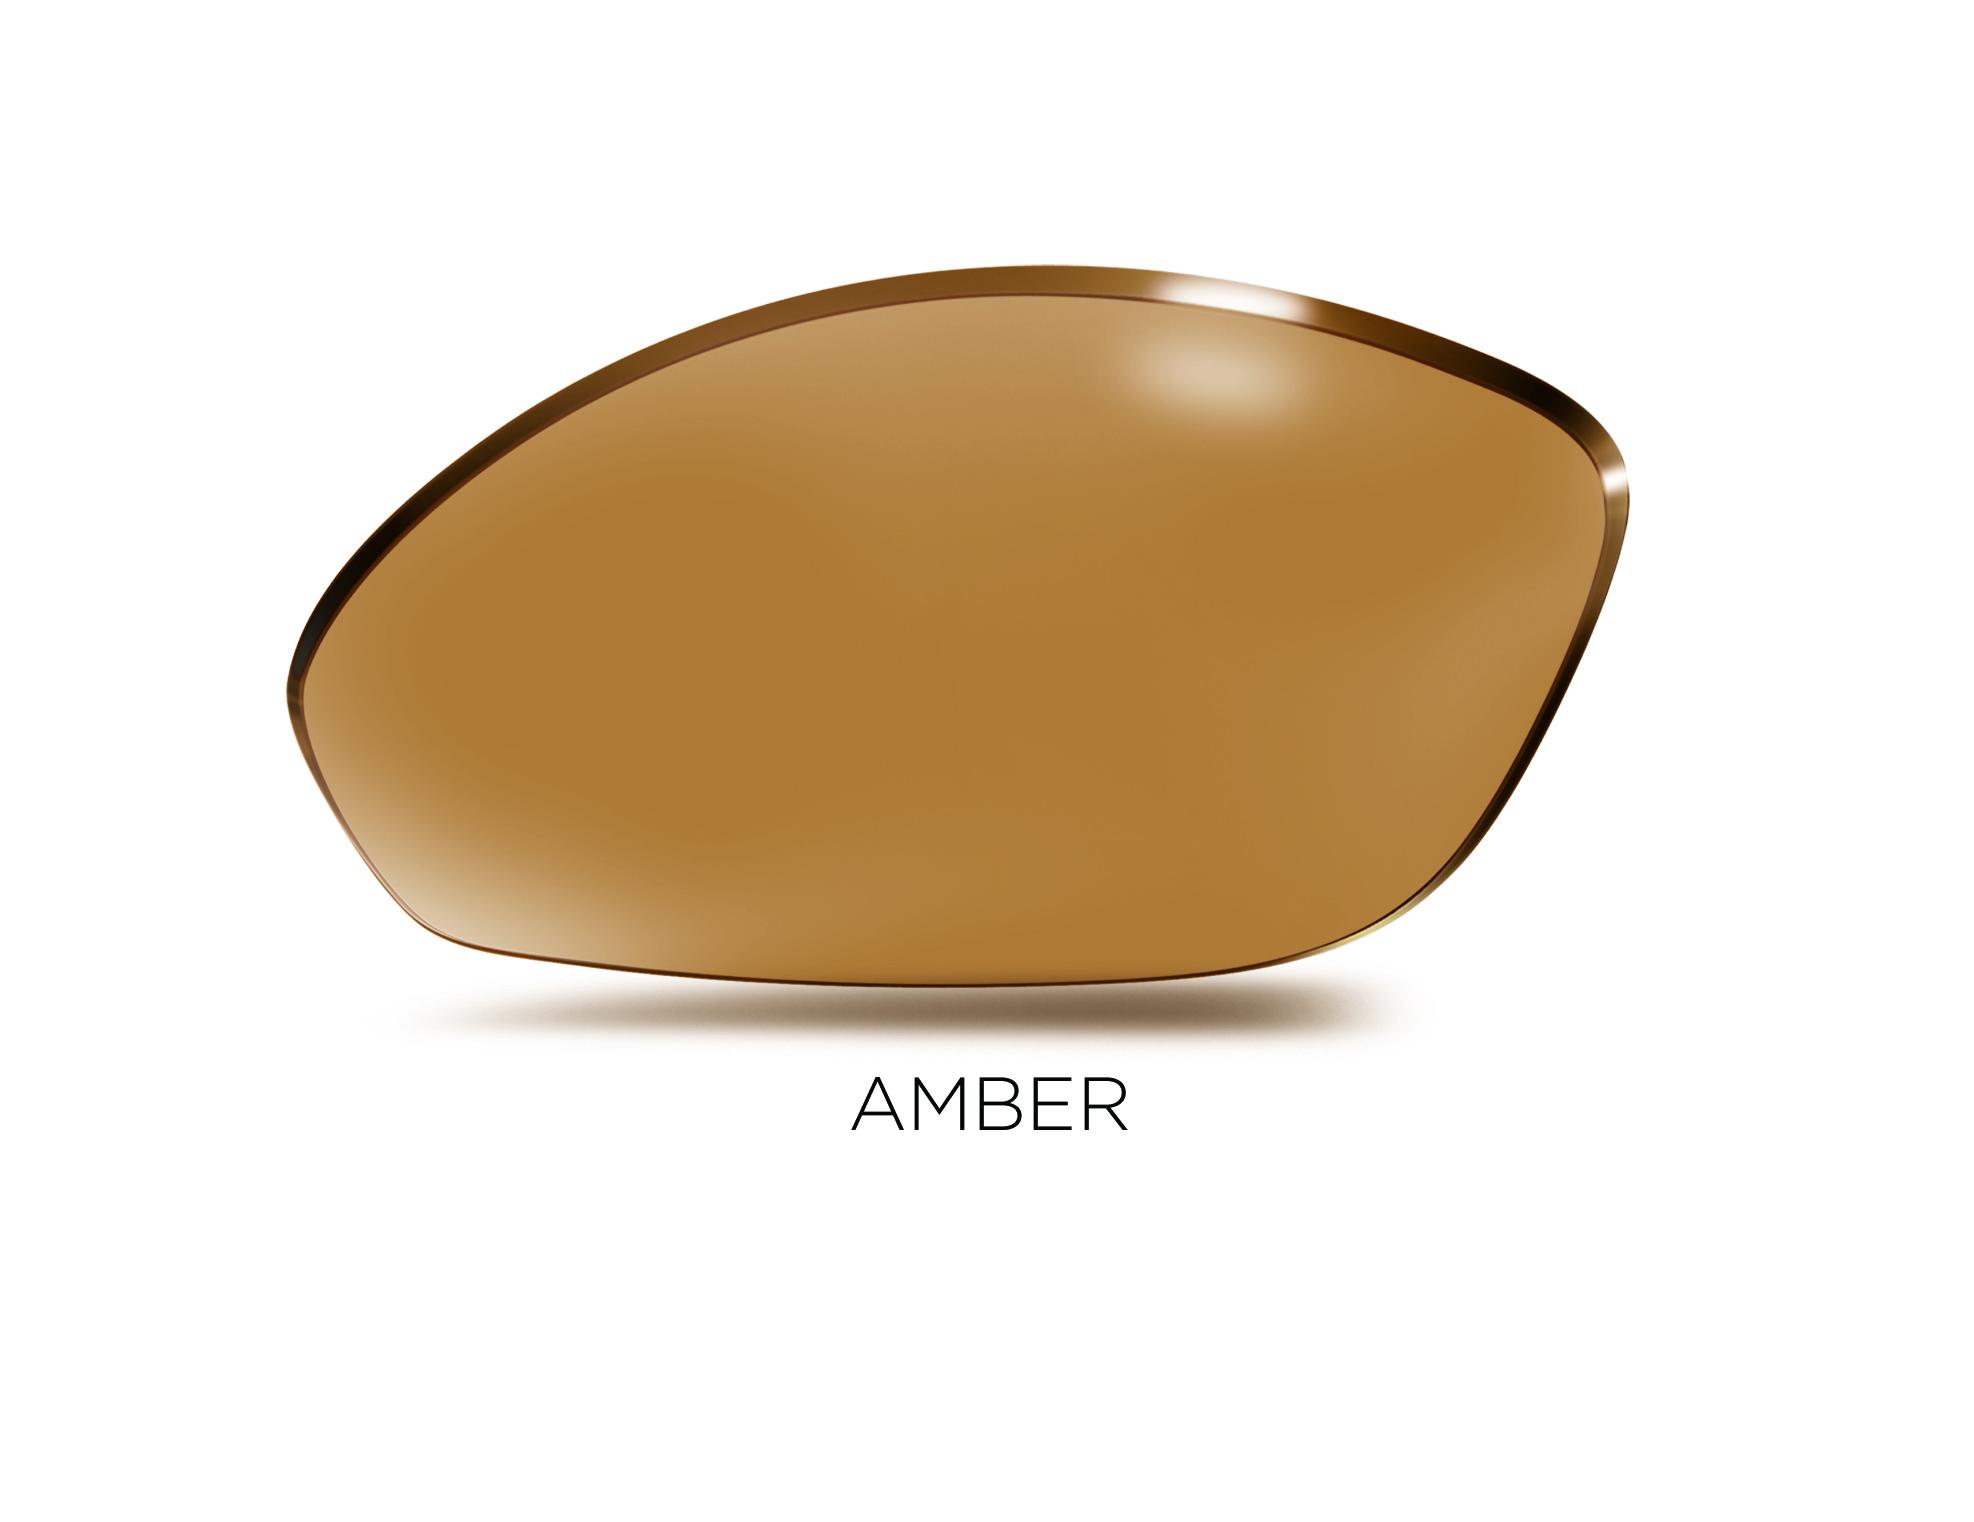 Amber_lens2